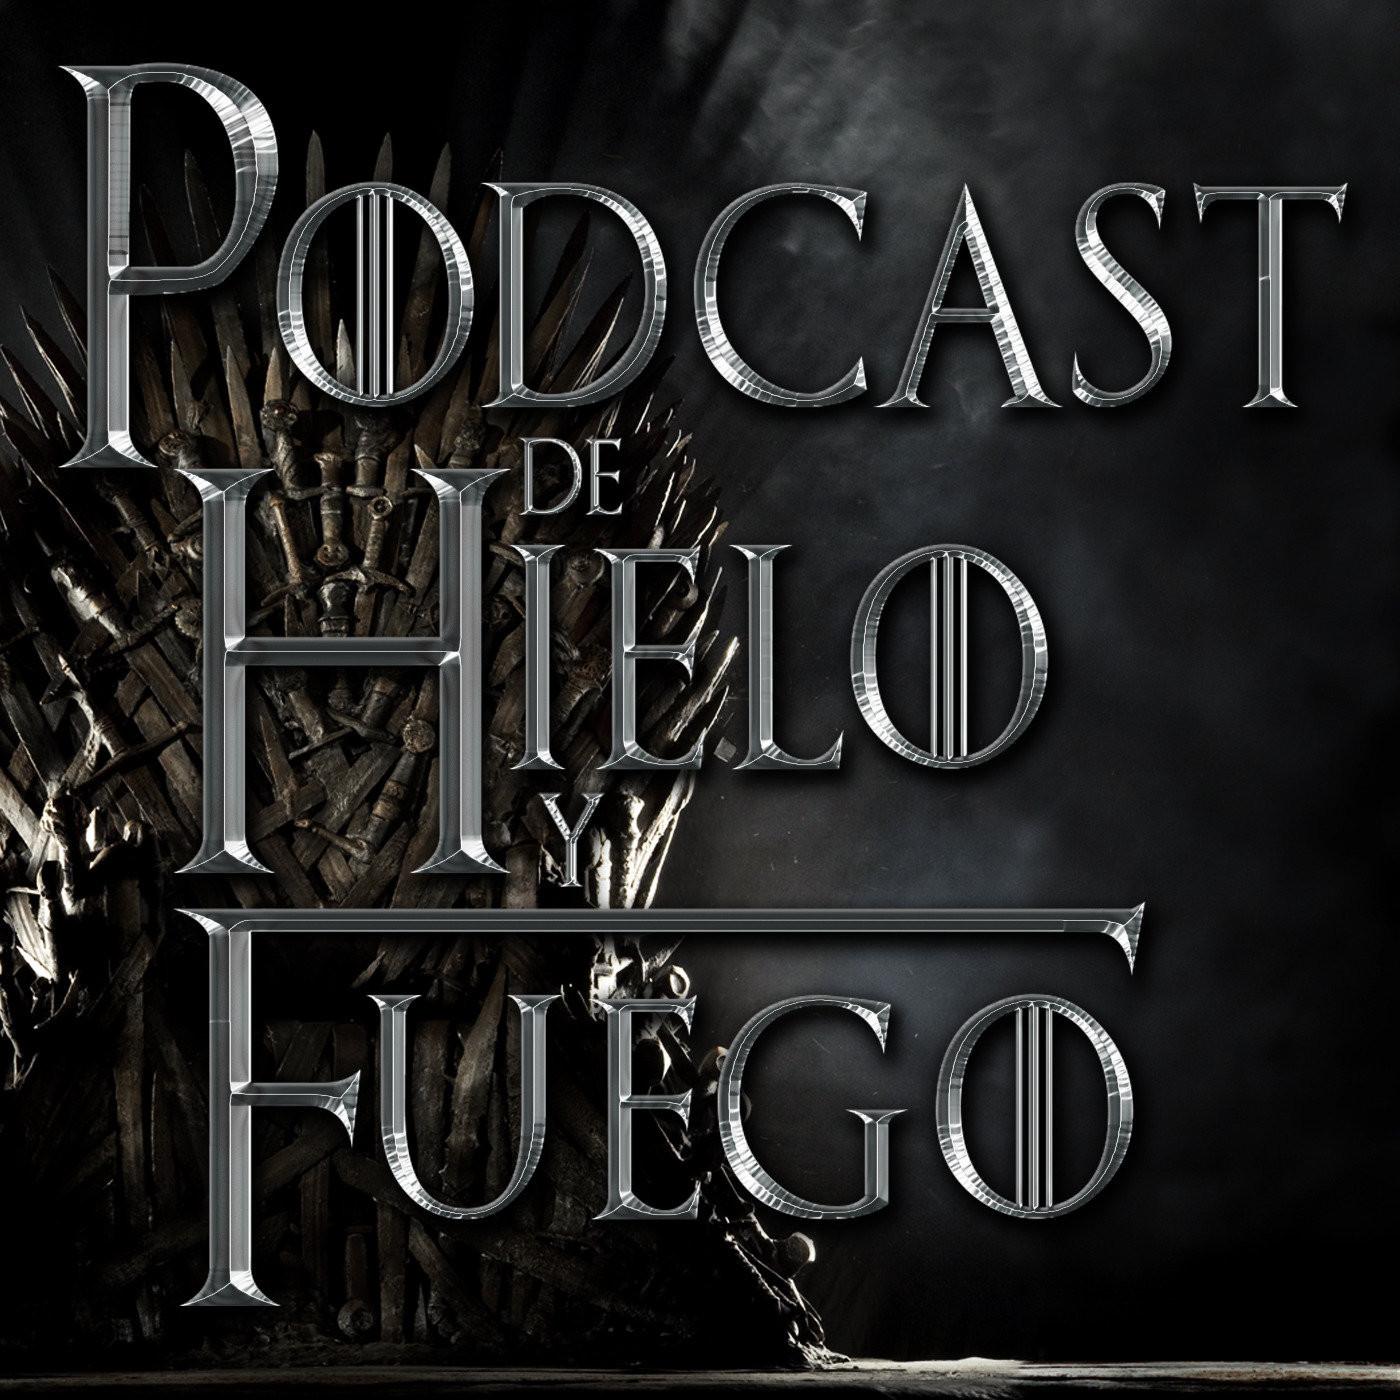 <![CDATA[Podcast de Hielo y Fuego]]>